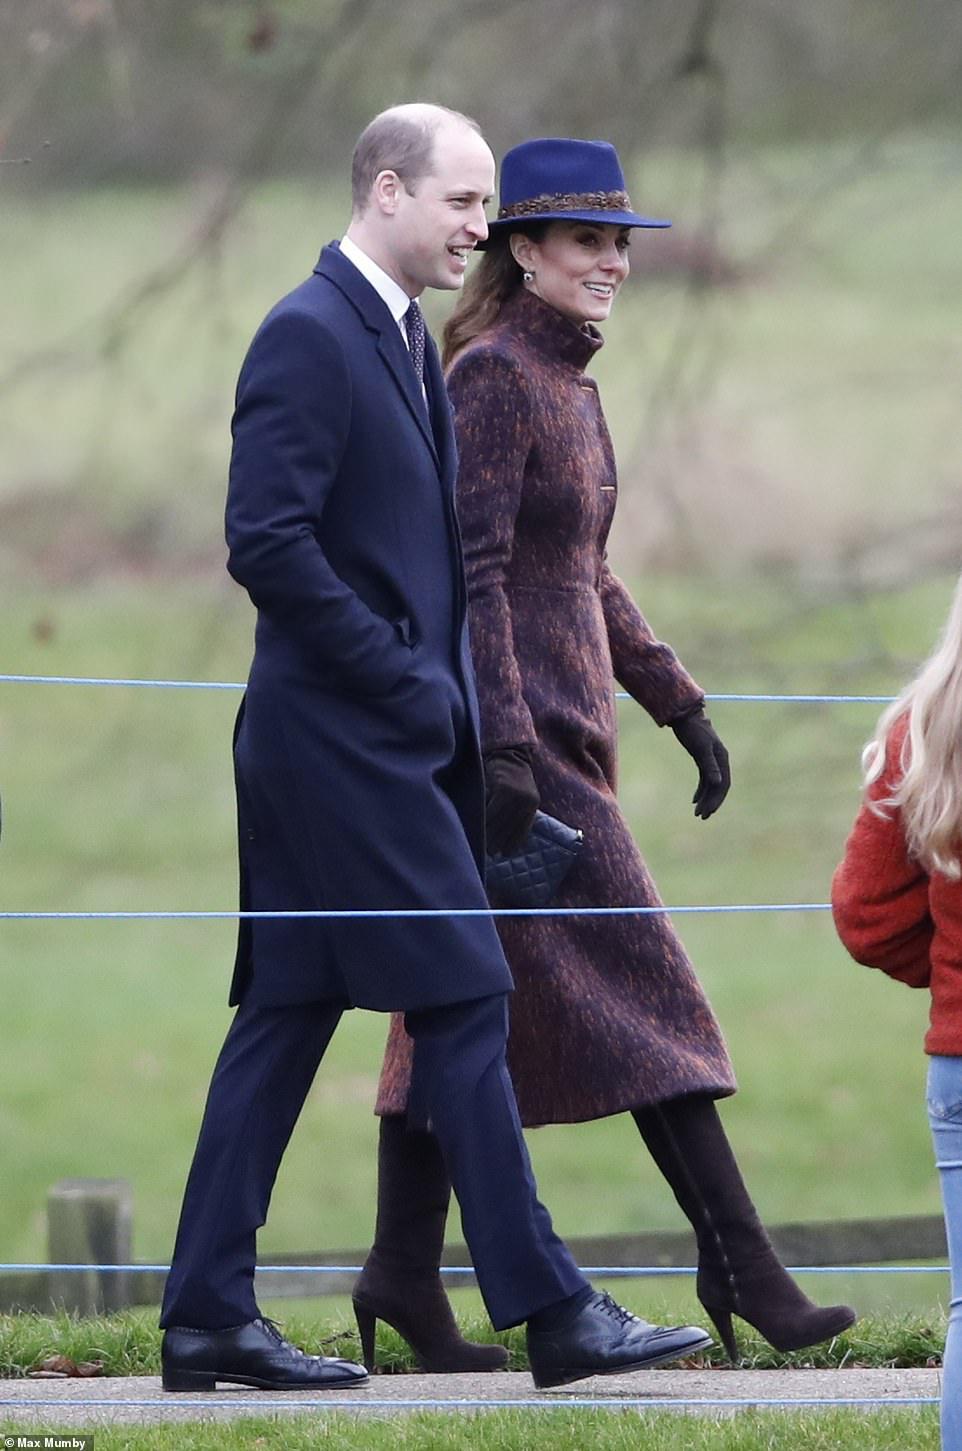 """Biết là Công nương Kate mặc đẹp nhưng đến độ """"chất"""" như fashionista thế này thì mới đáng trầm trồ - Ảnh 1."""